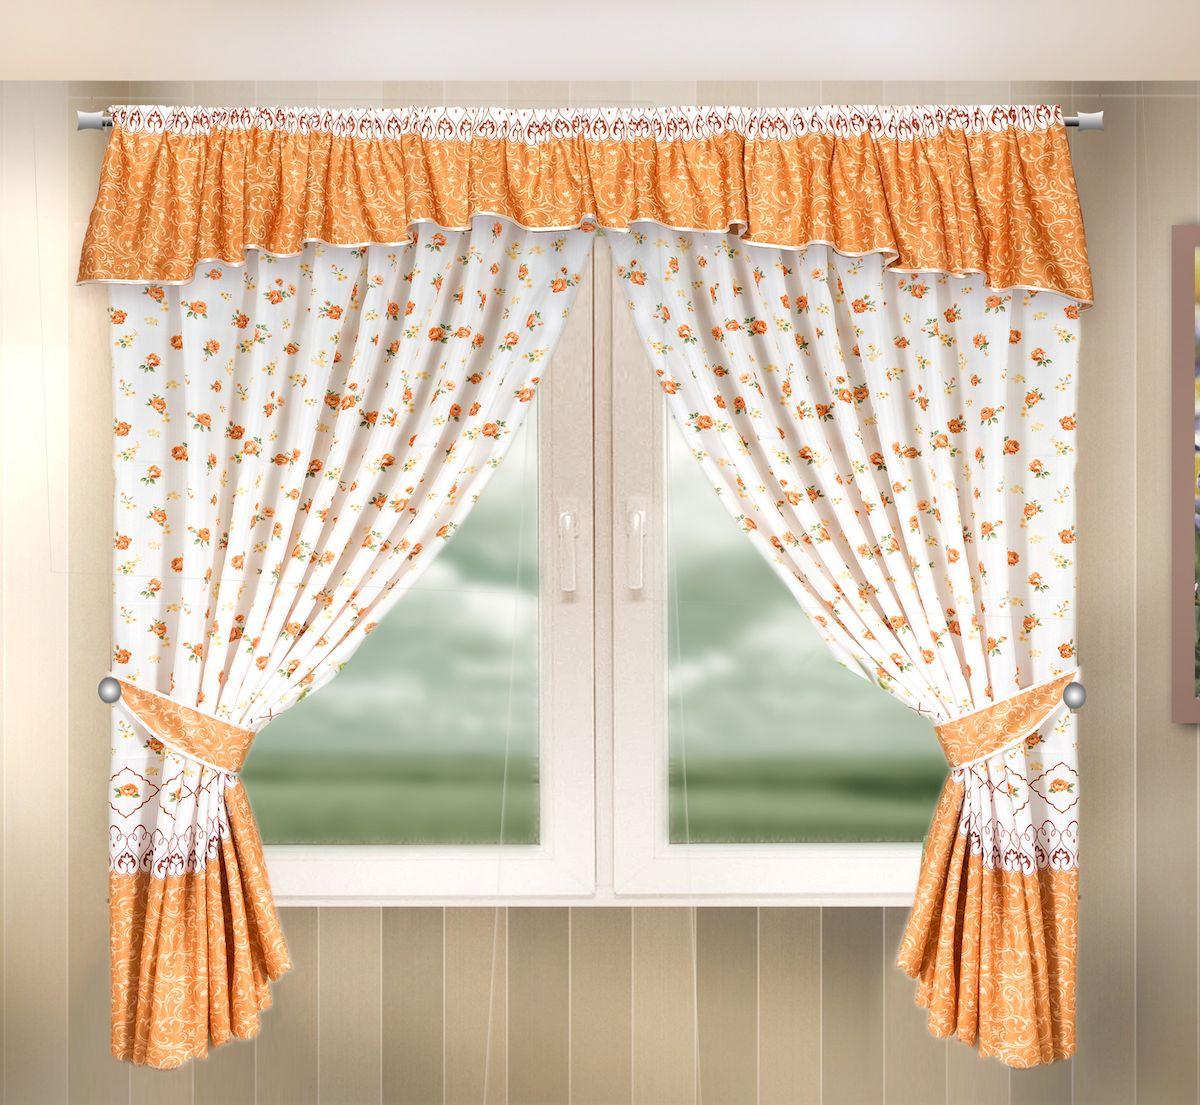 Комплект штор для кухни Zlata Korunka, на кулиске, цвет: оранжевый, высота 170 см. 333341333341Комплект штор для кухни Zlata Korunka, выполненный из полиэстера, великолепно украсит любое окно. Комплект состоит из ламбрекена, 2 штор и 2 подхватов. Цветочный рисунок и приятная цветовая гамма привлекут к себе внимание и органично впишутся в интерьер помещения. Этот комплект будет долгое время радовать вас и вашу семью!Комплект крепится на карниз при помощи кулиски.В комплект входит: Ламбрекен: 1 шт. Размер (Ш х В): 290 х 35 см.Штора: 2 шт. Размер (Ш х В): 140 х 170 см.Подхват: 2 шт.